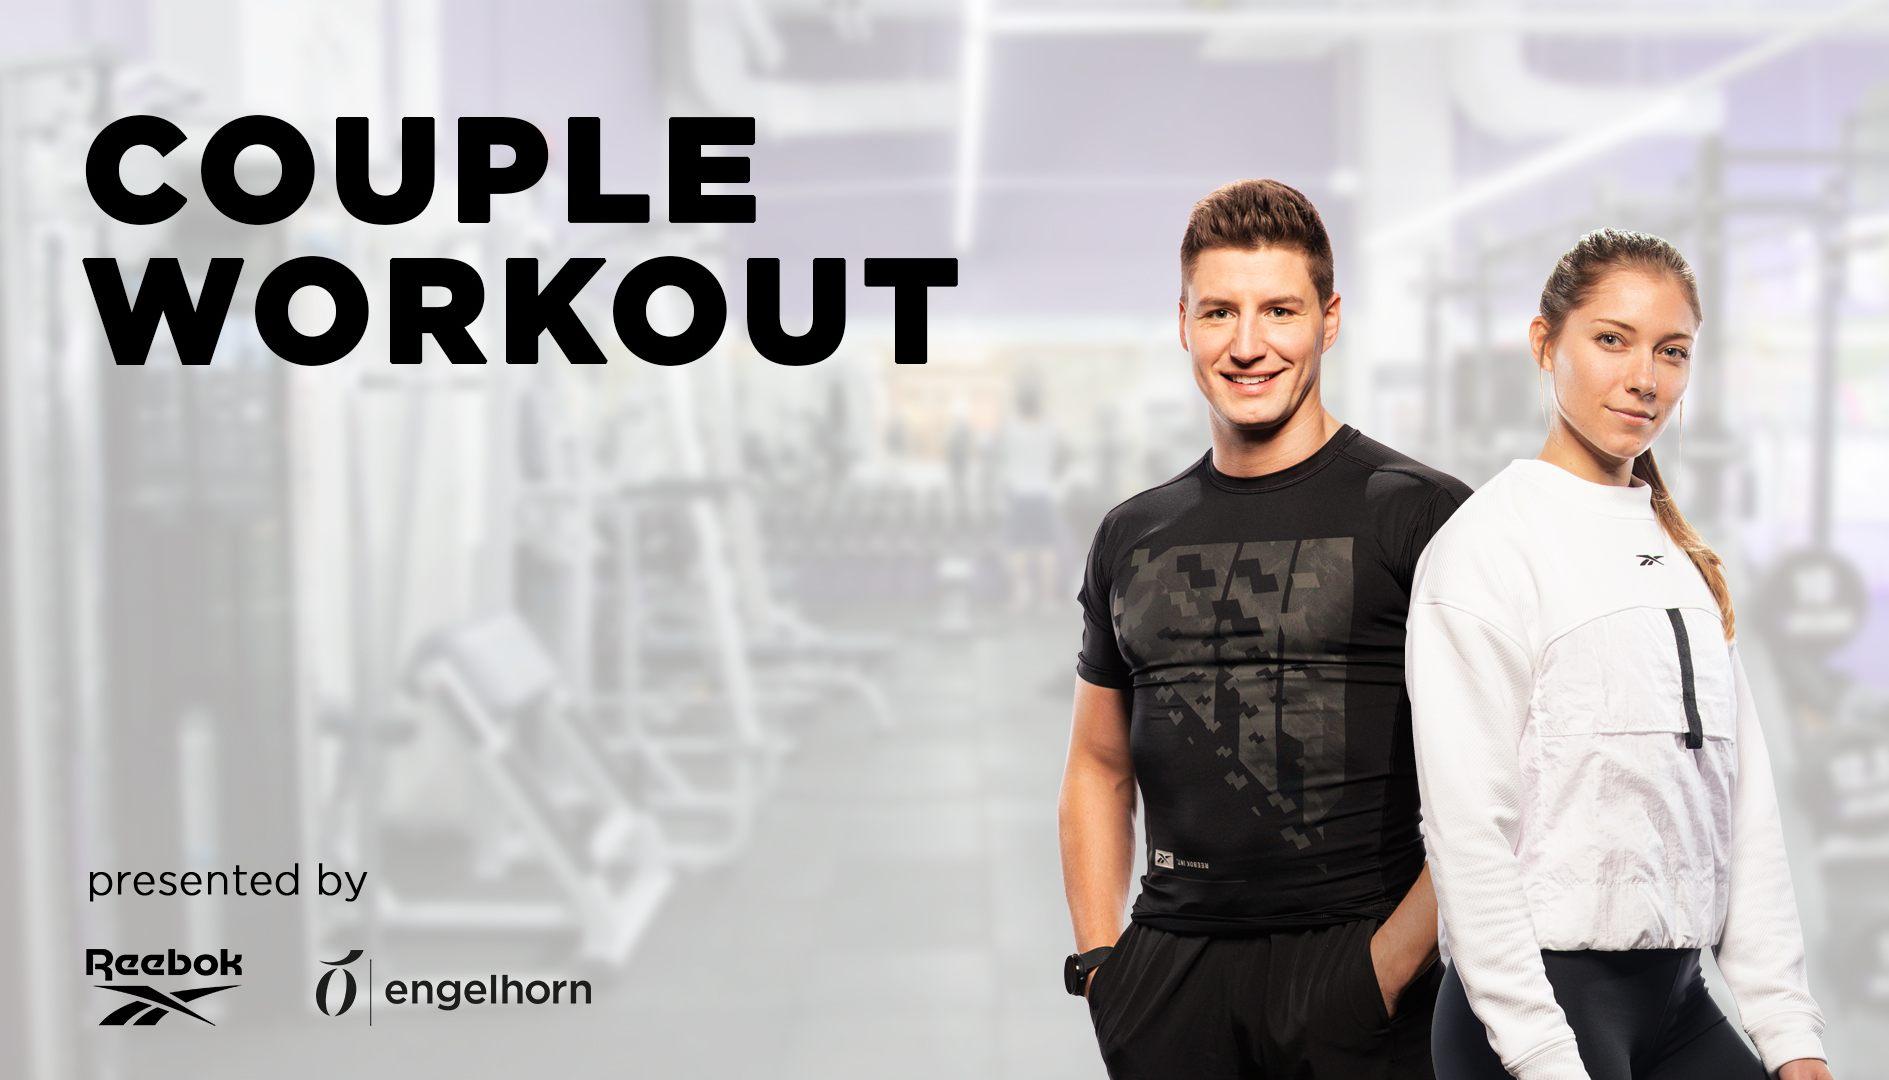 Macht mit bei unserem Couple Workout mit Alex² und Reebok